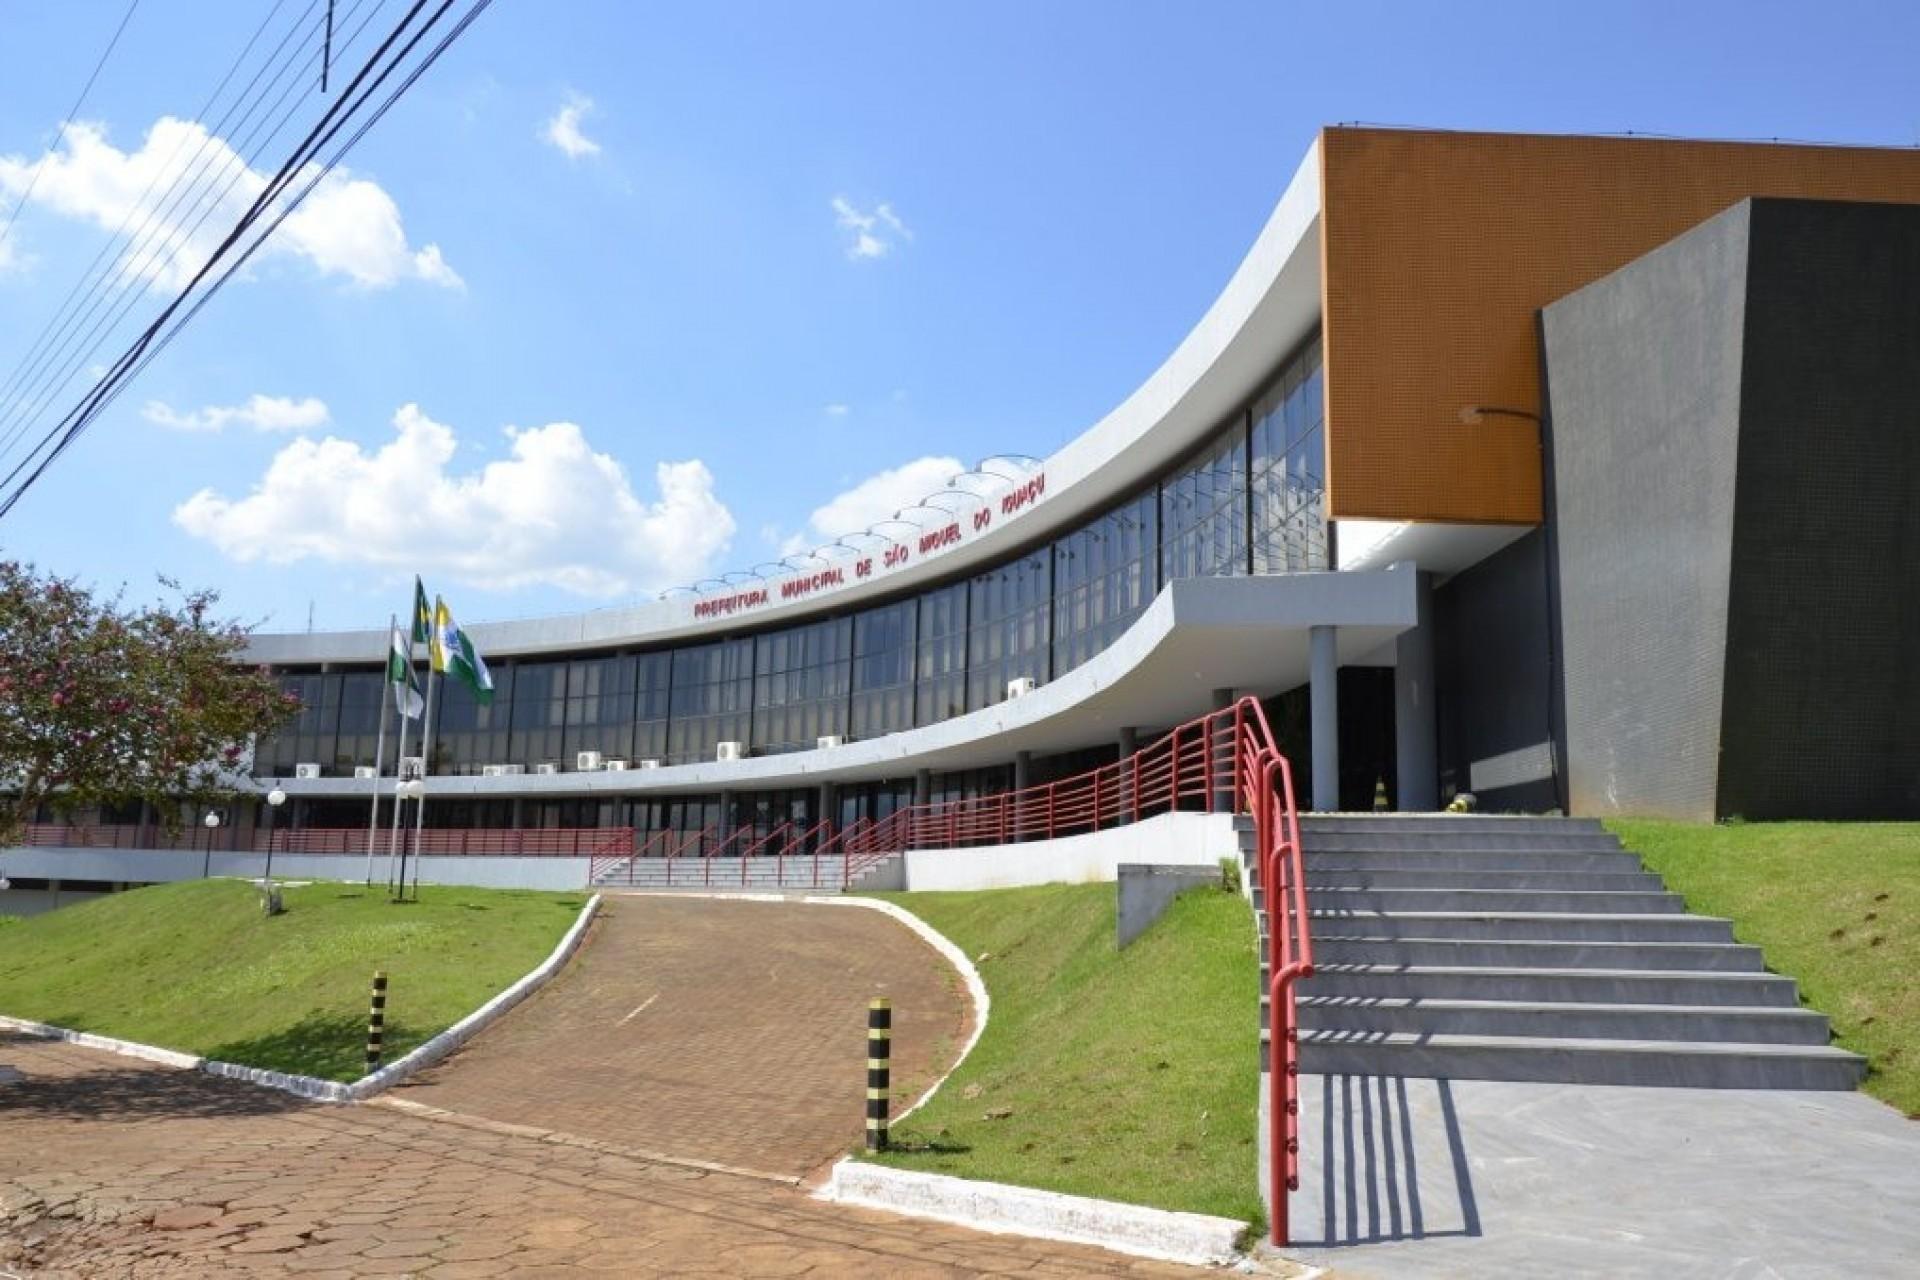 Atendendo pedido do MPPR, Justiça suspende concurso público em São Miguel do Iguaçu